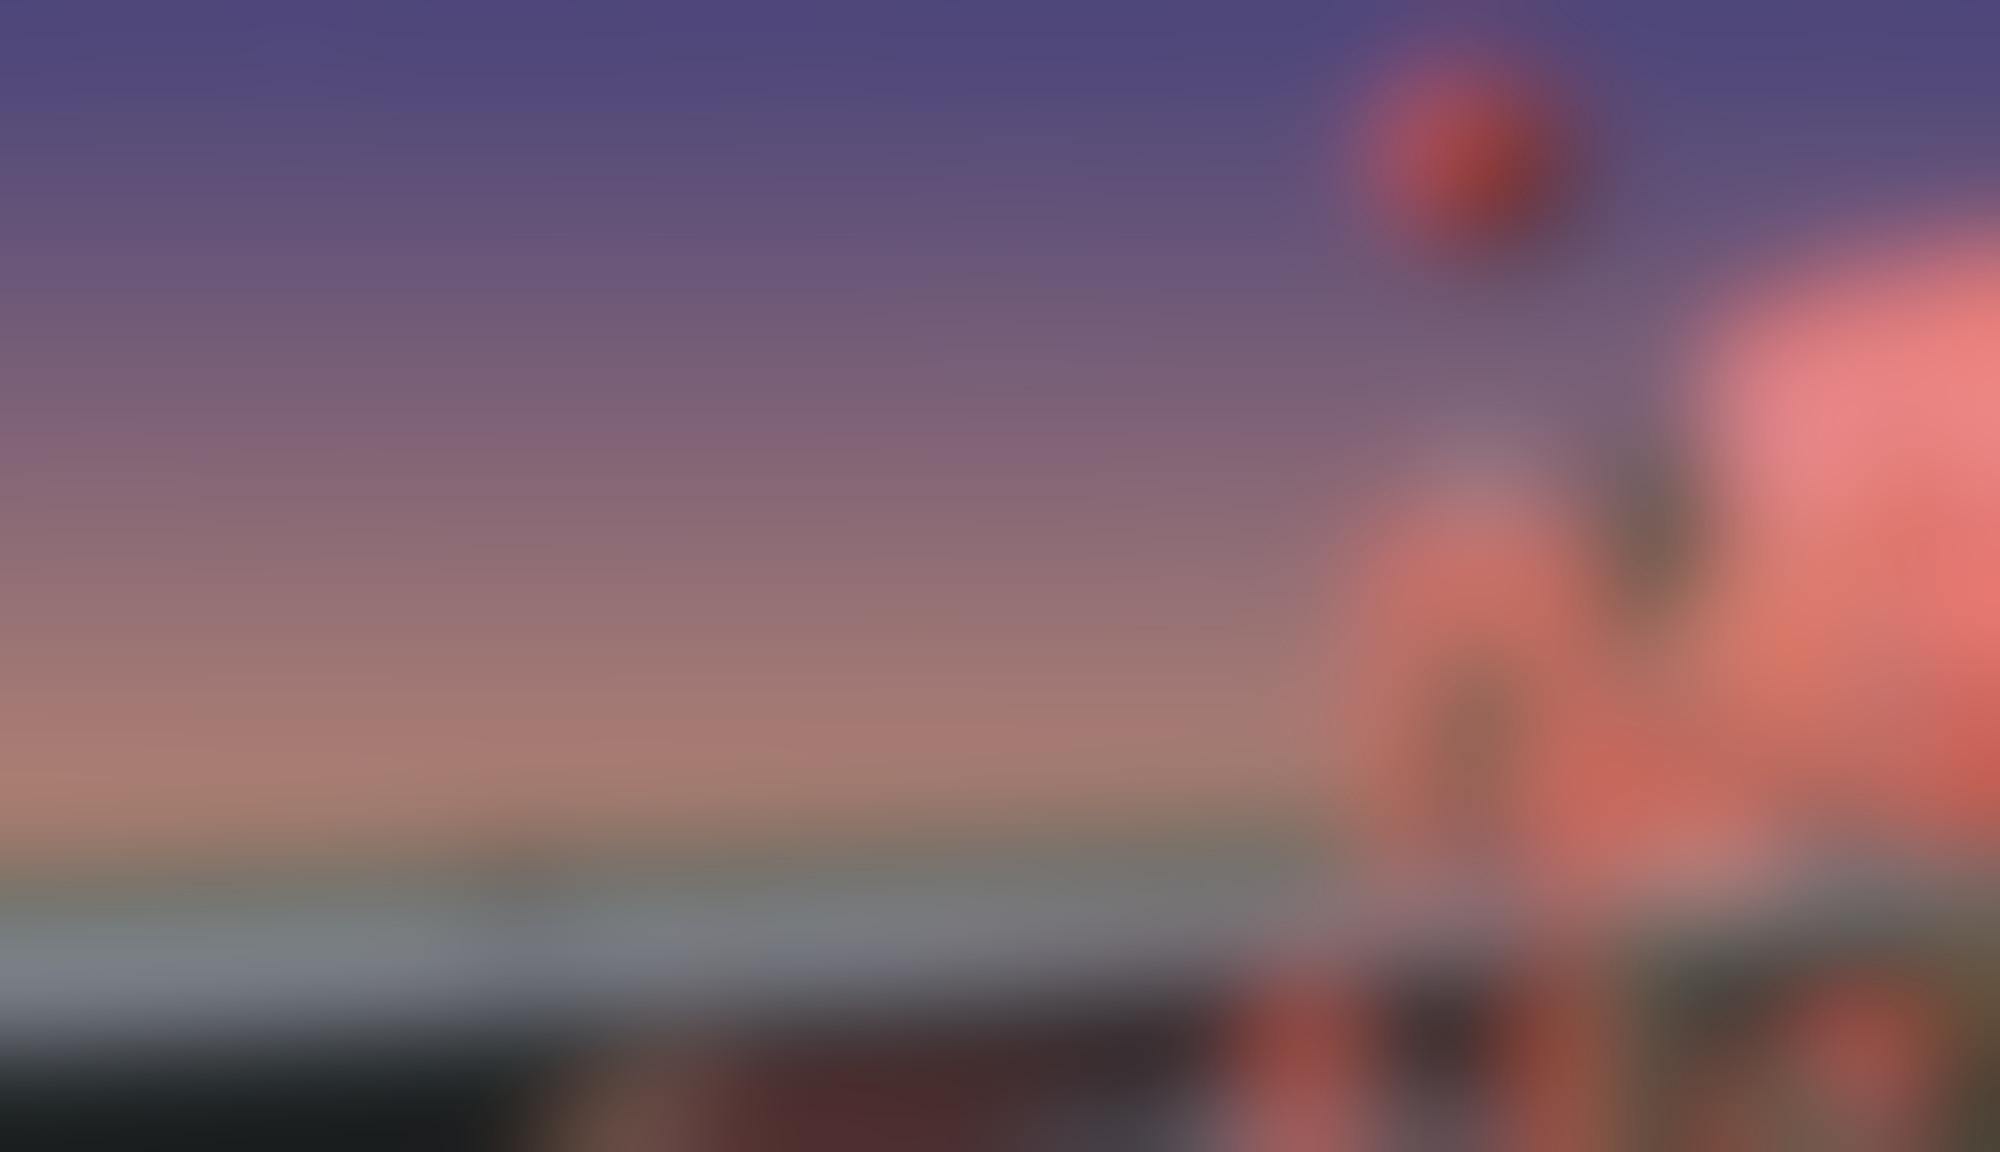 C4 summer screen landscape v5 dbf8d6a38dd21a4600d81f78eddca413 autocompressfitresizeixlibphp 1 1 0max h2000max w3 D2000q80sb7923839f47778fc23caf39882a34519